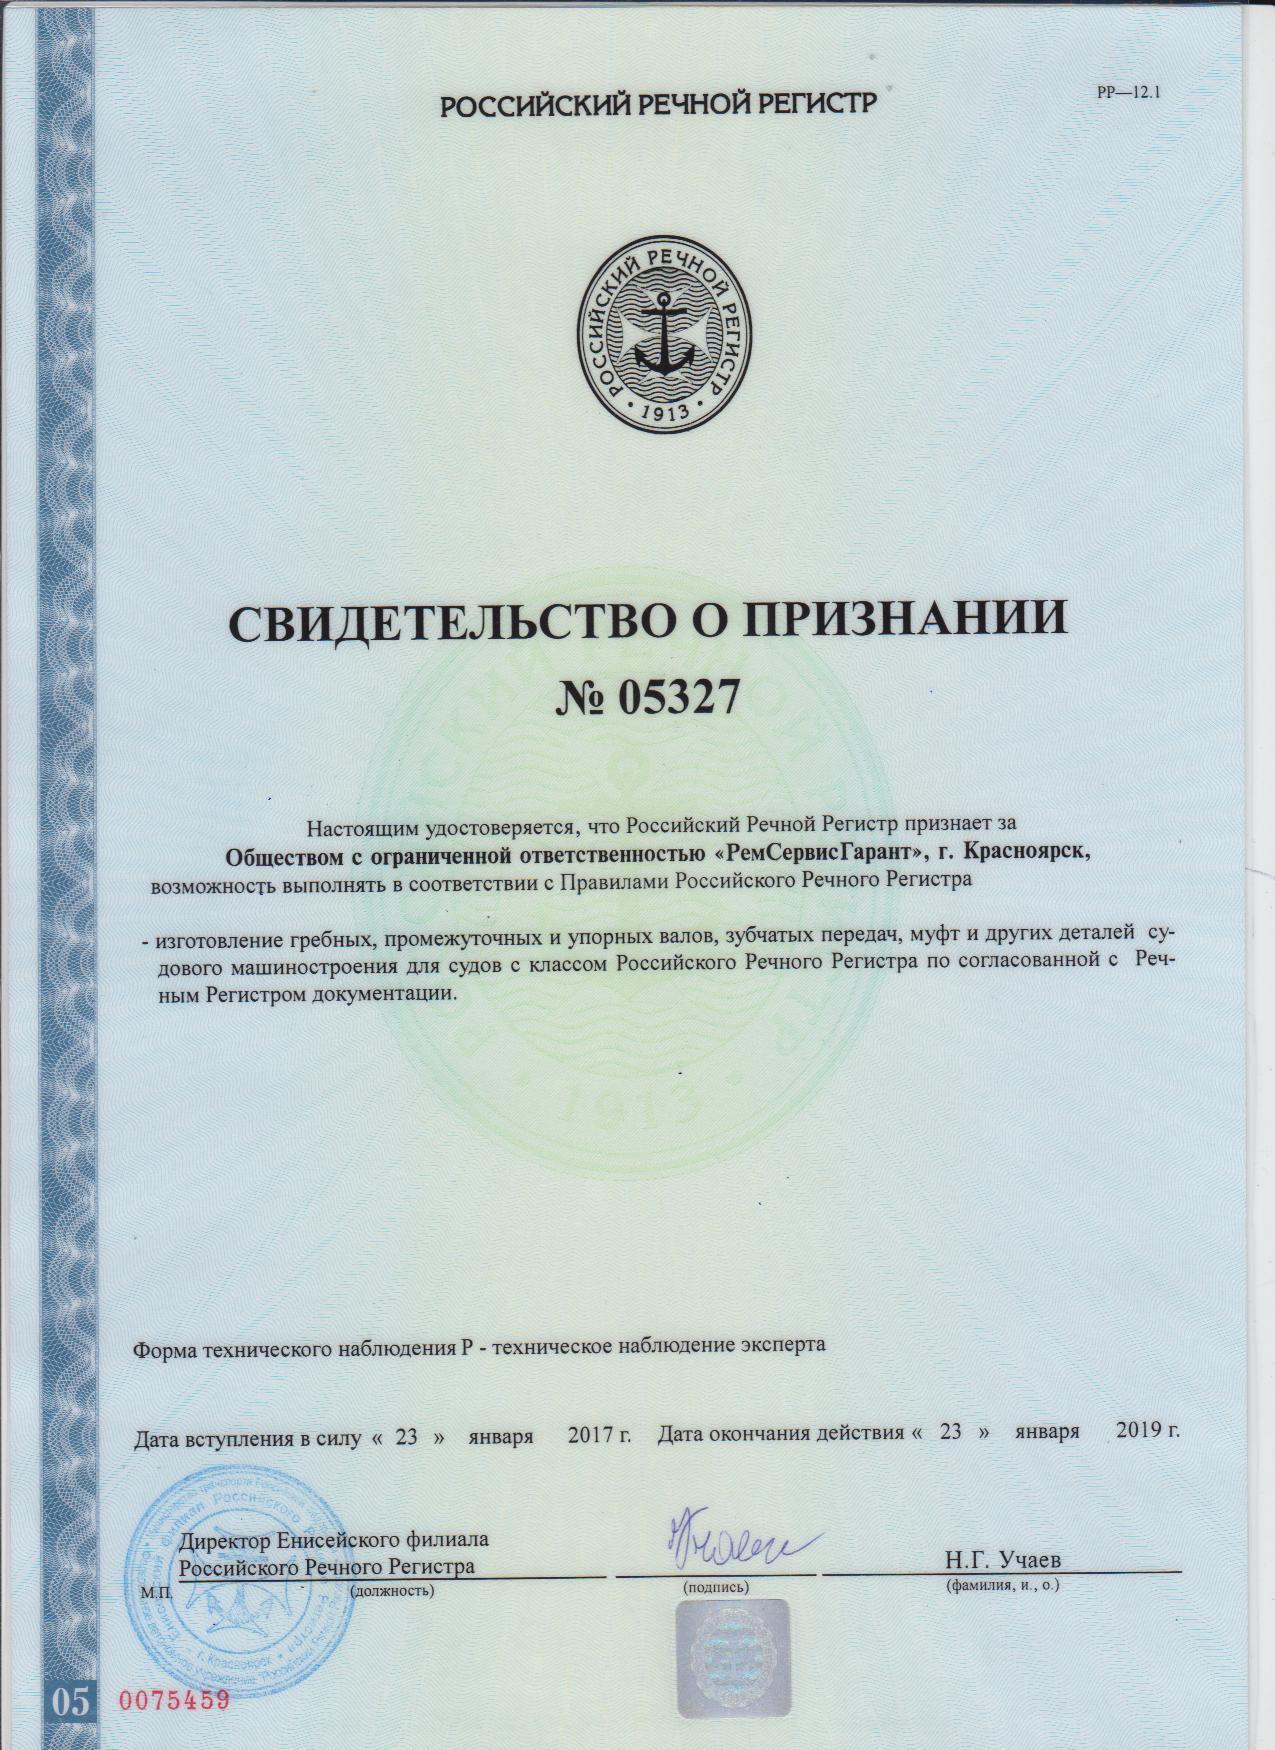 Российский Речной Регистр - свидетельство о признании